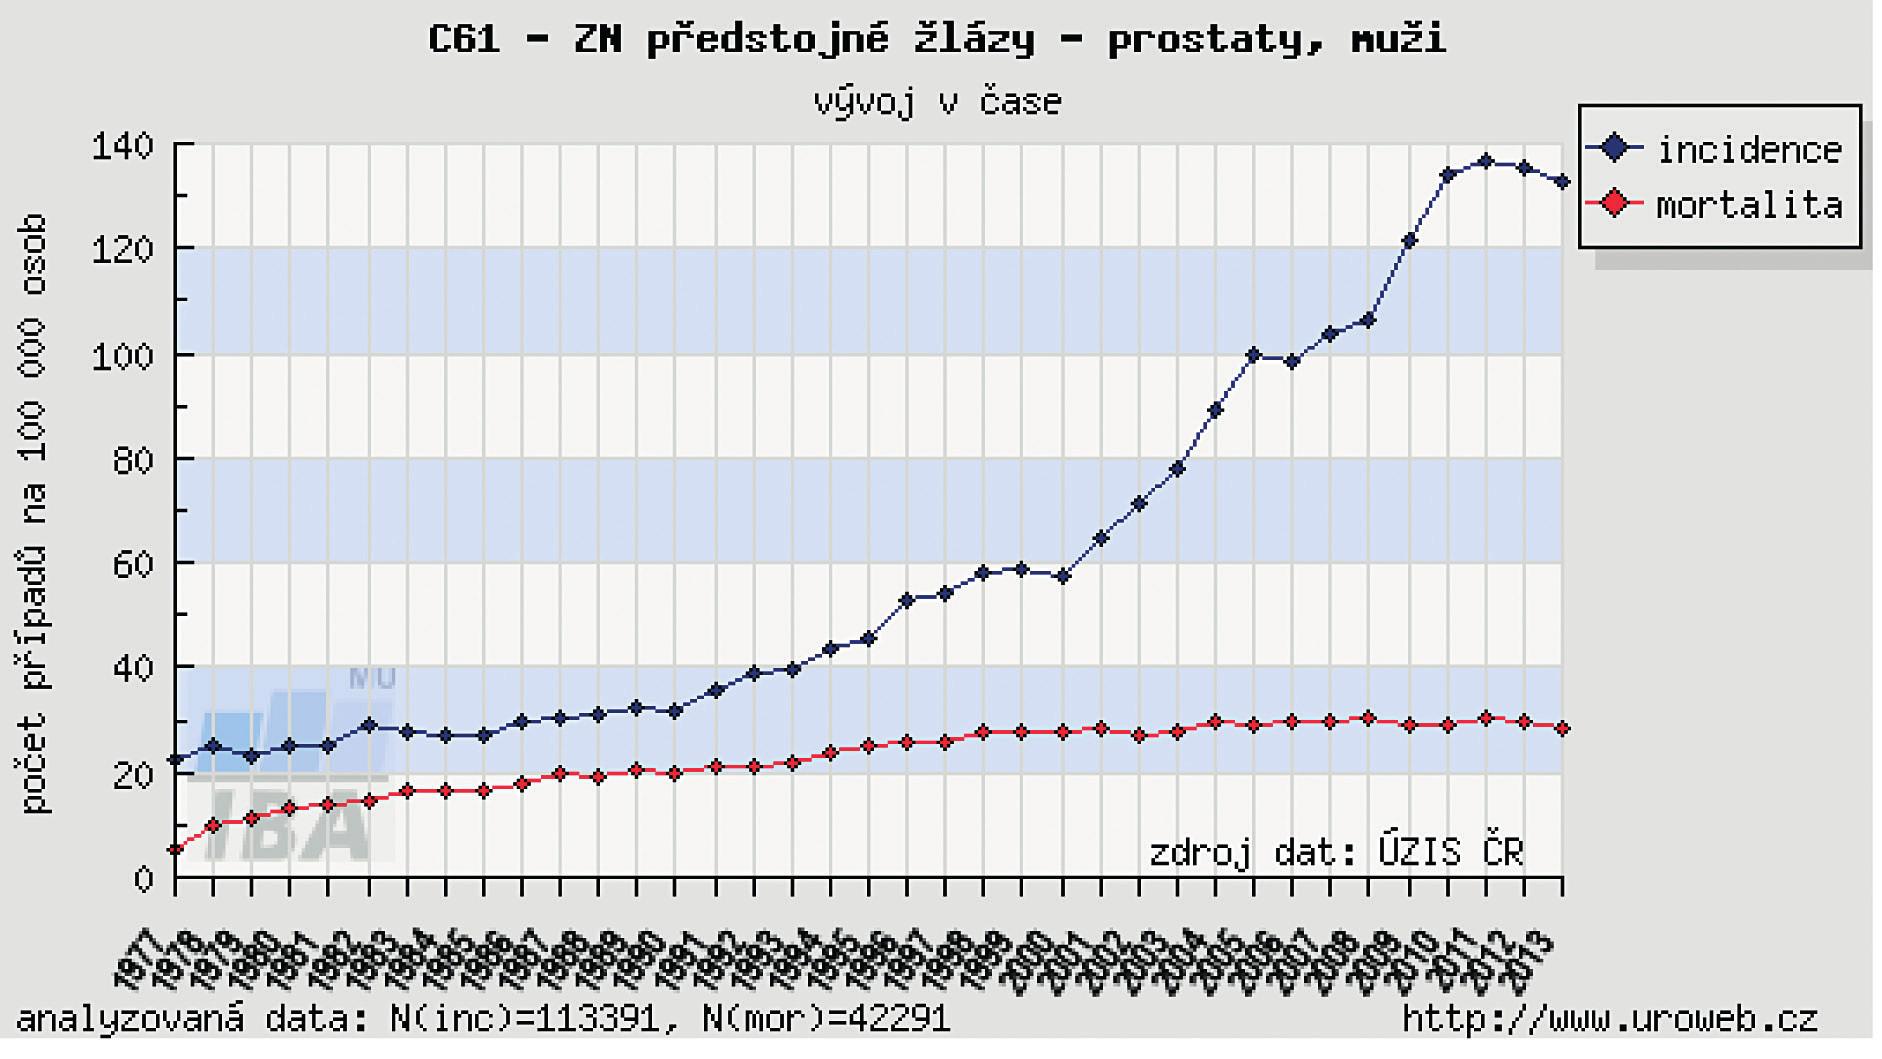 Vývoj incidence a mortality v České republice 1977–2013 Fig 1. Prostate cancer incidence and mortality in the Czech Republic in 1977–2013